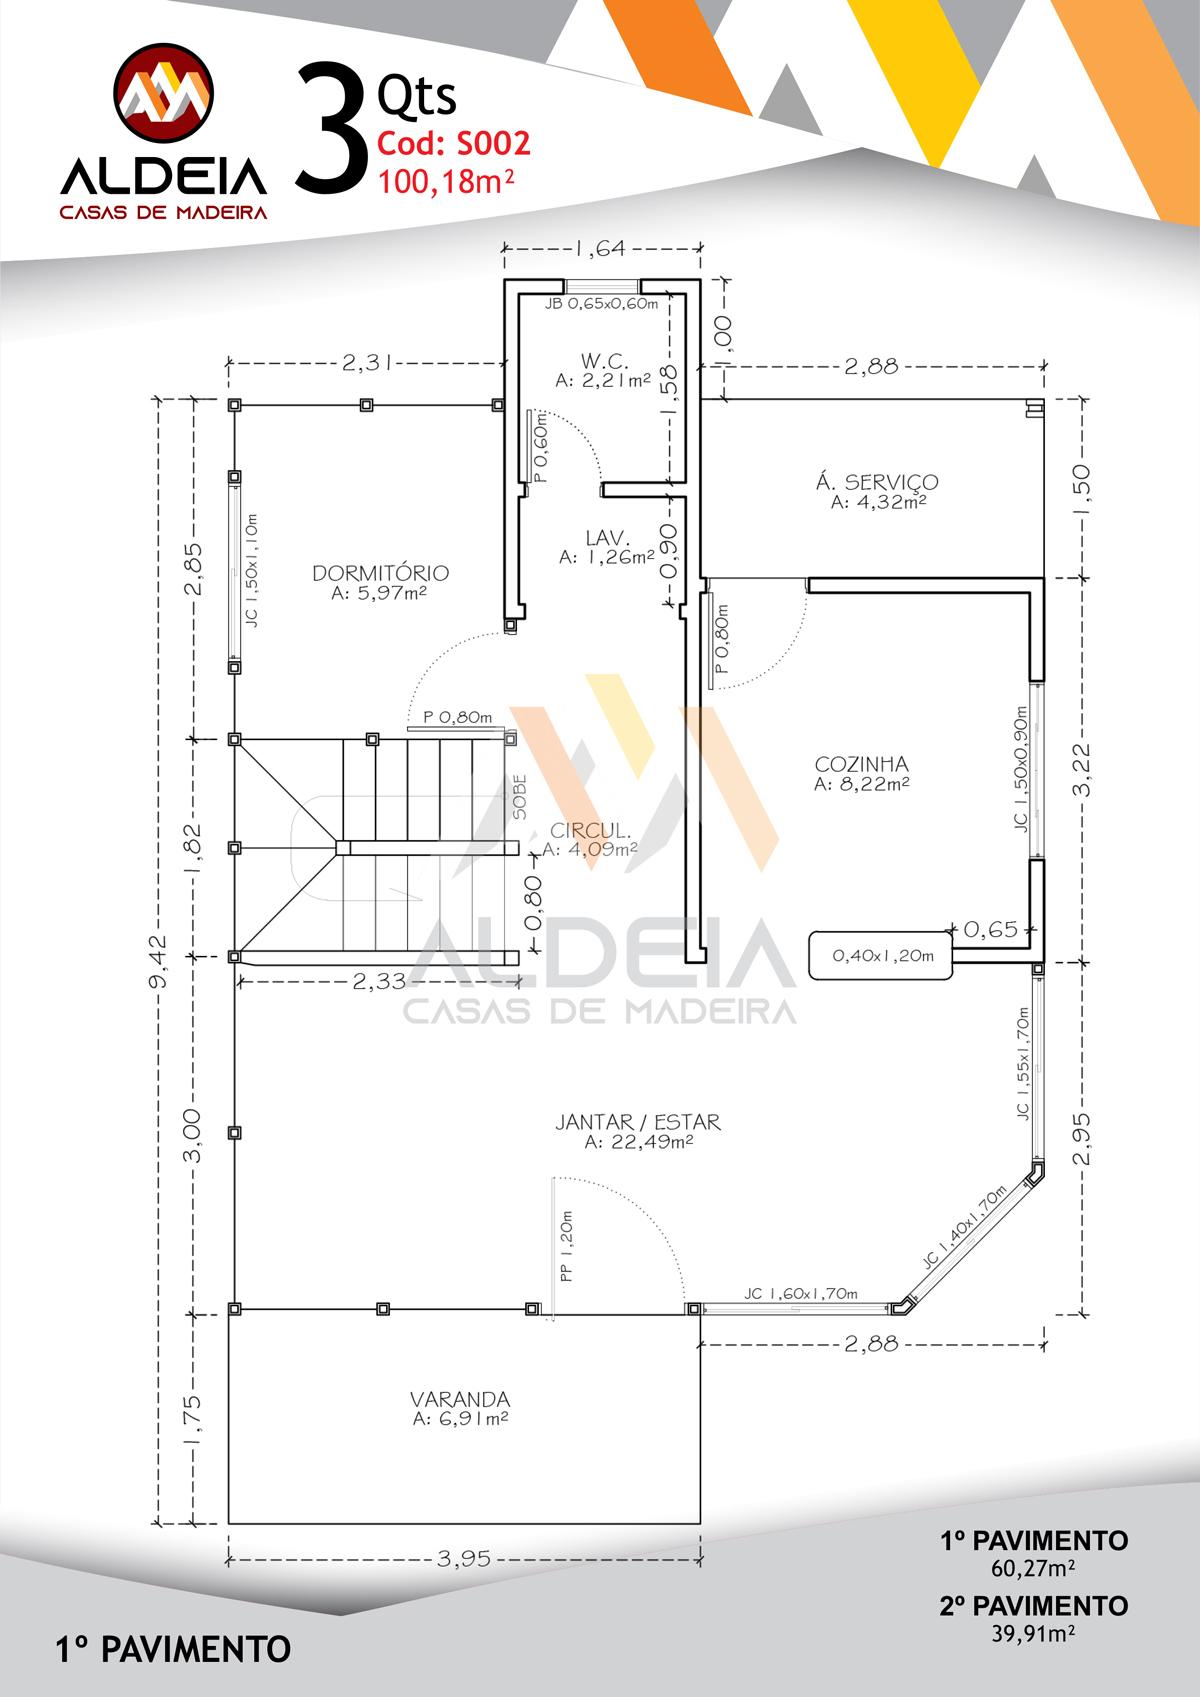 aldeia-casas-madeira-arquitetura-S002-1